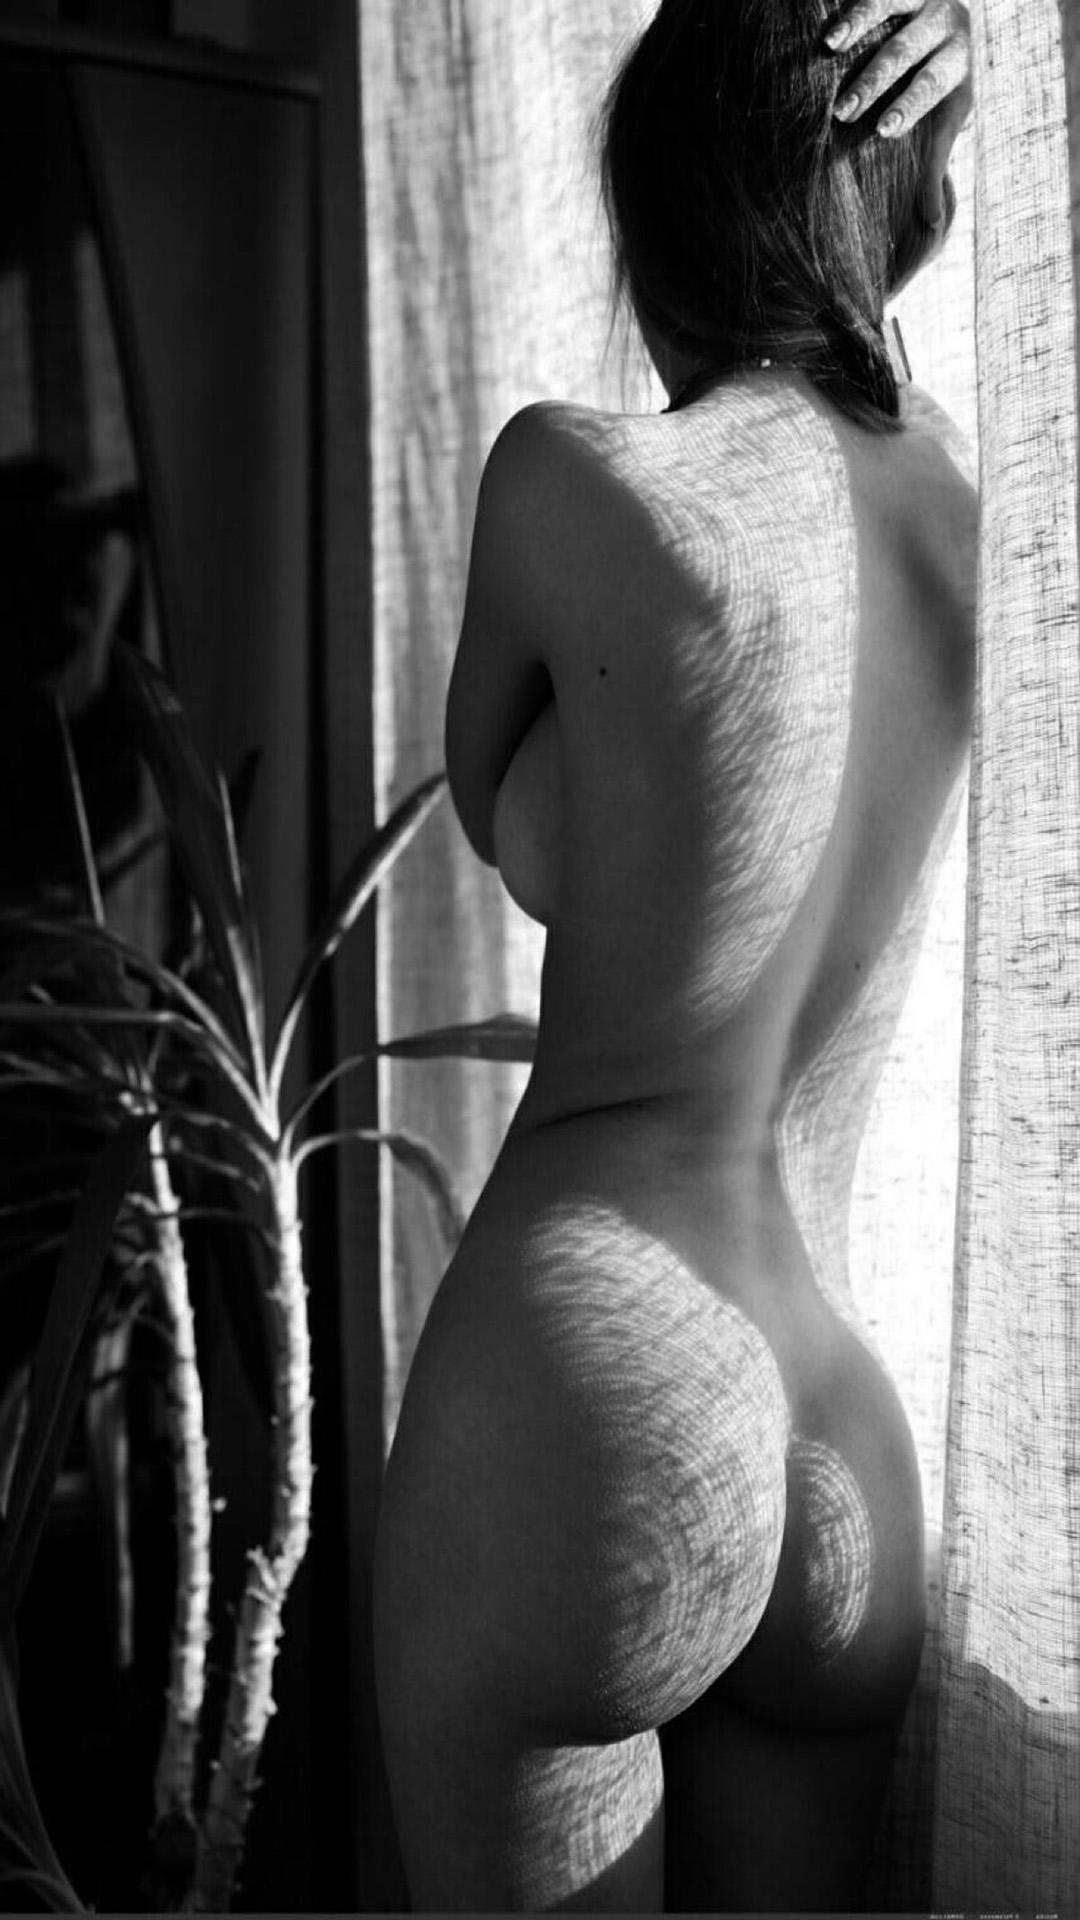 欧美 性感 美女 背影 人体艺术